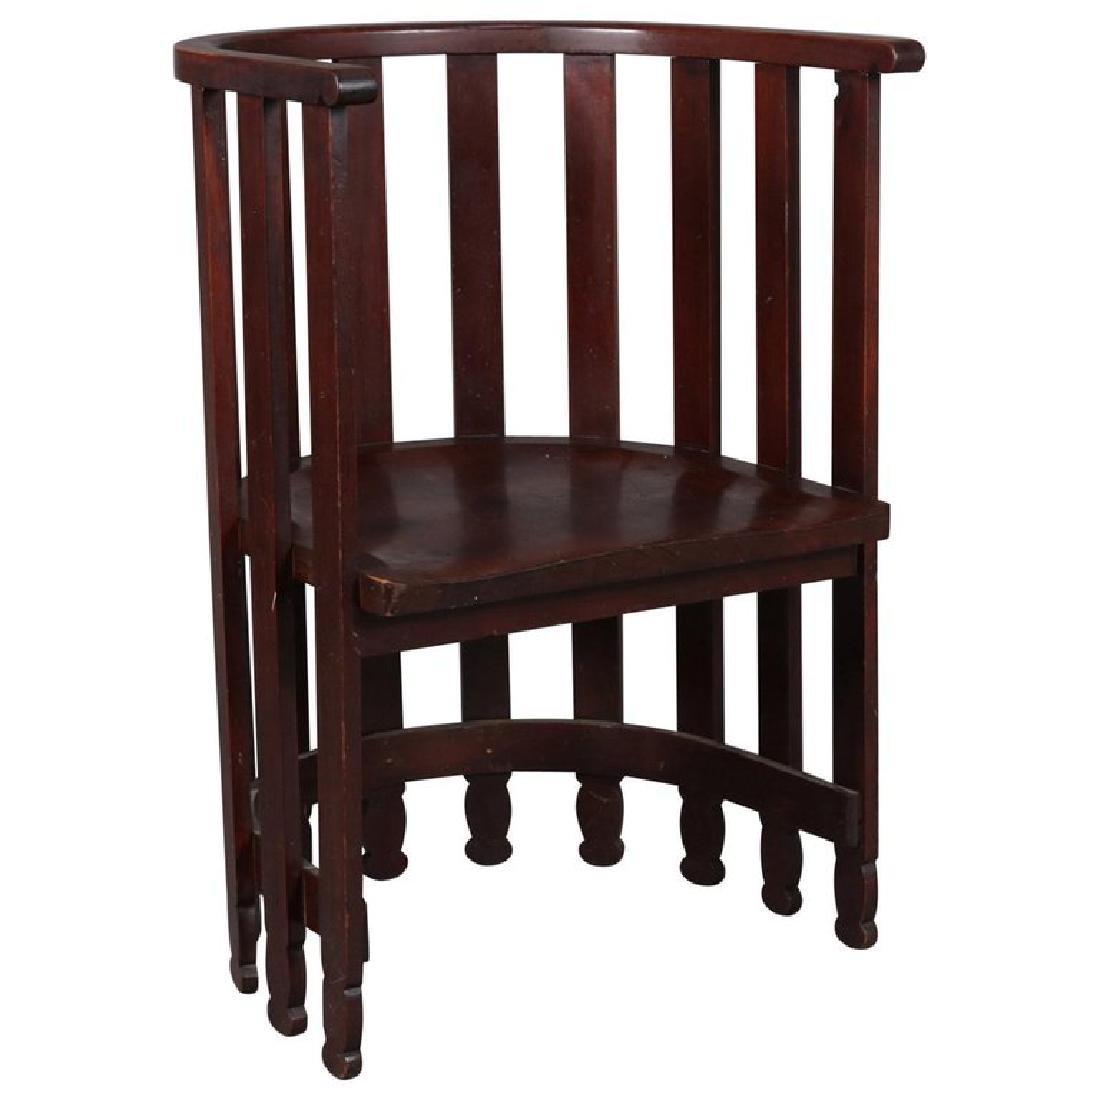 Arts & Crafts Prairie Frank Lloyd Wright School Chair